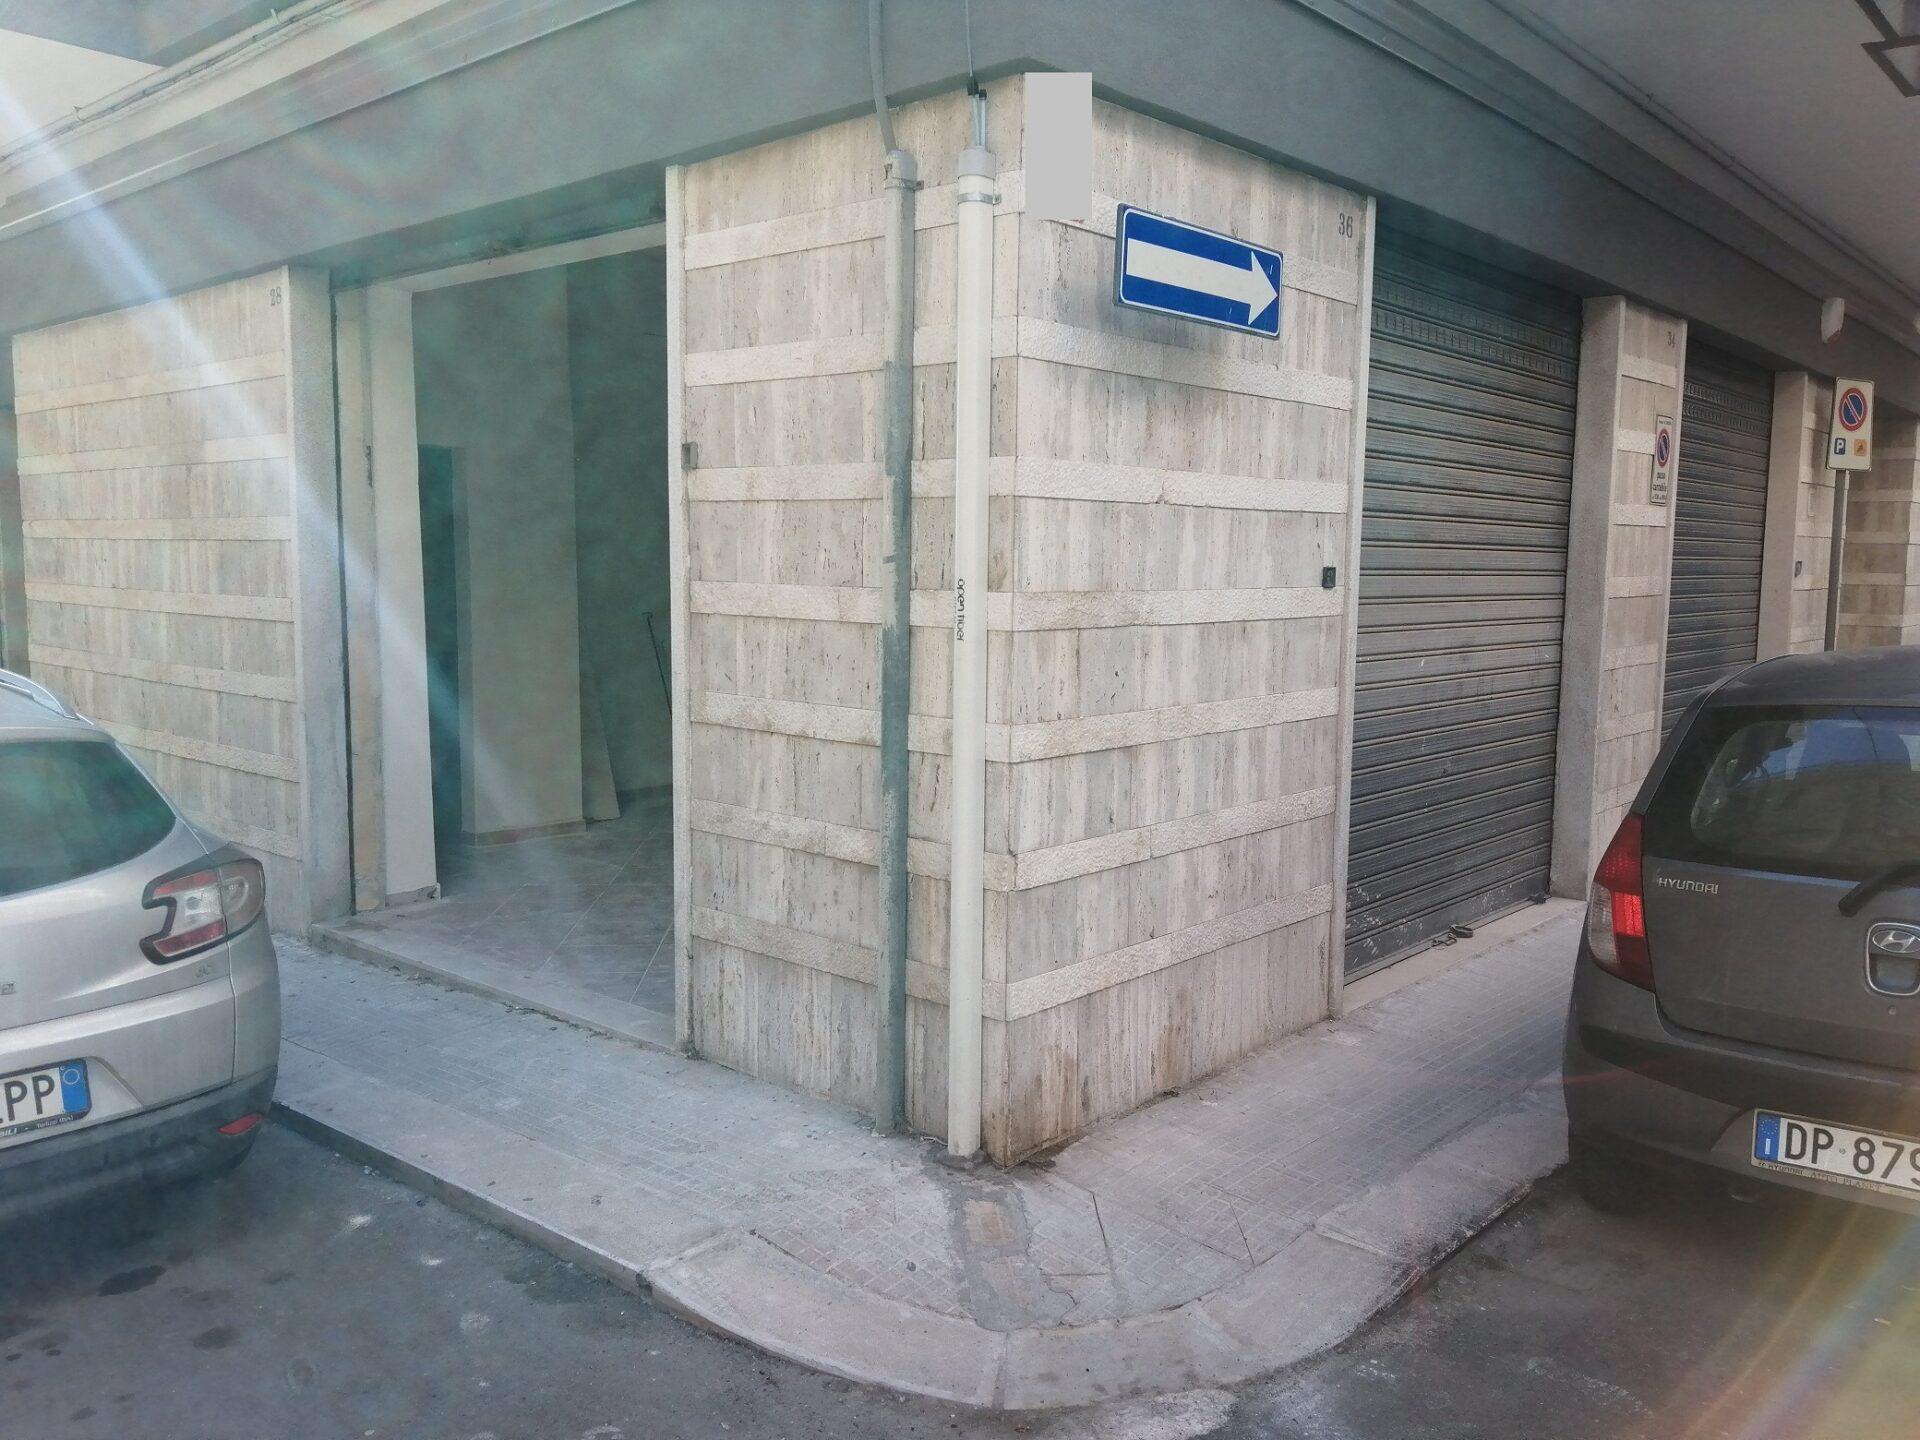 Fittasi Locale Mq. 25 – Via Calatafimi